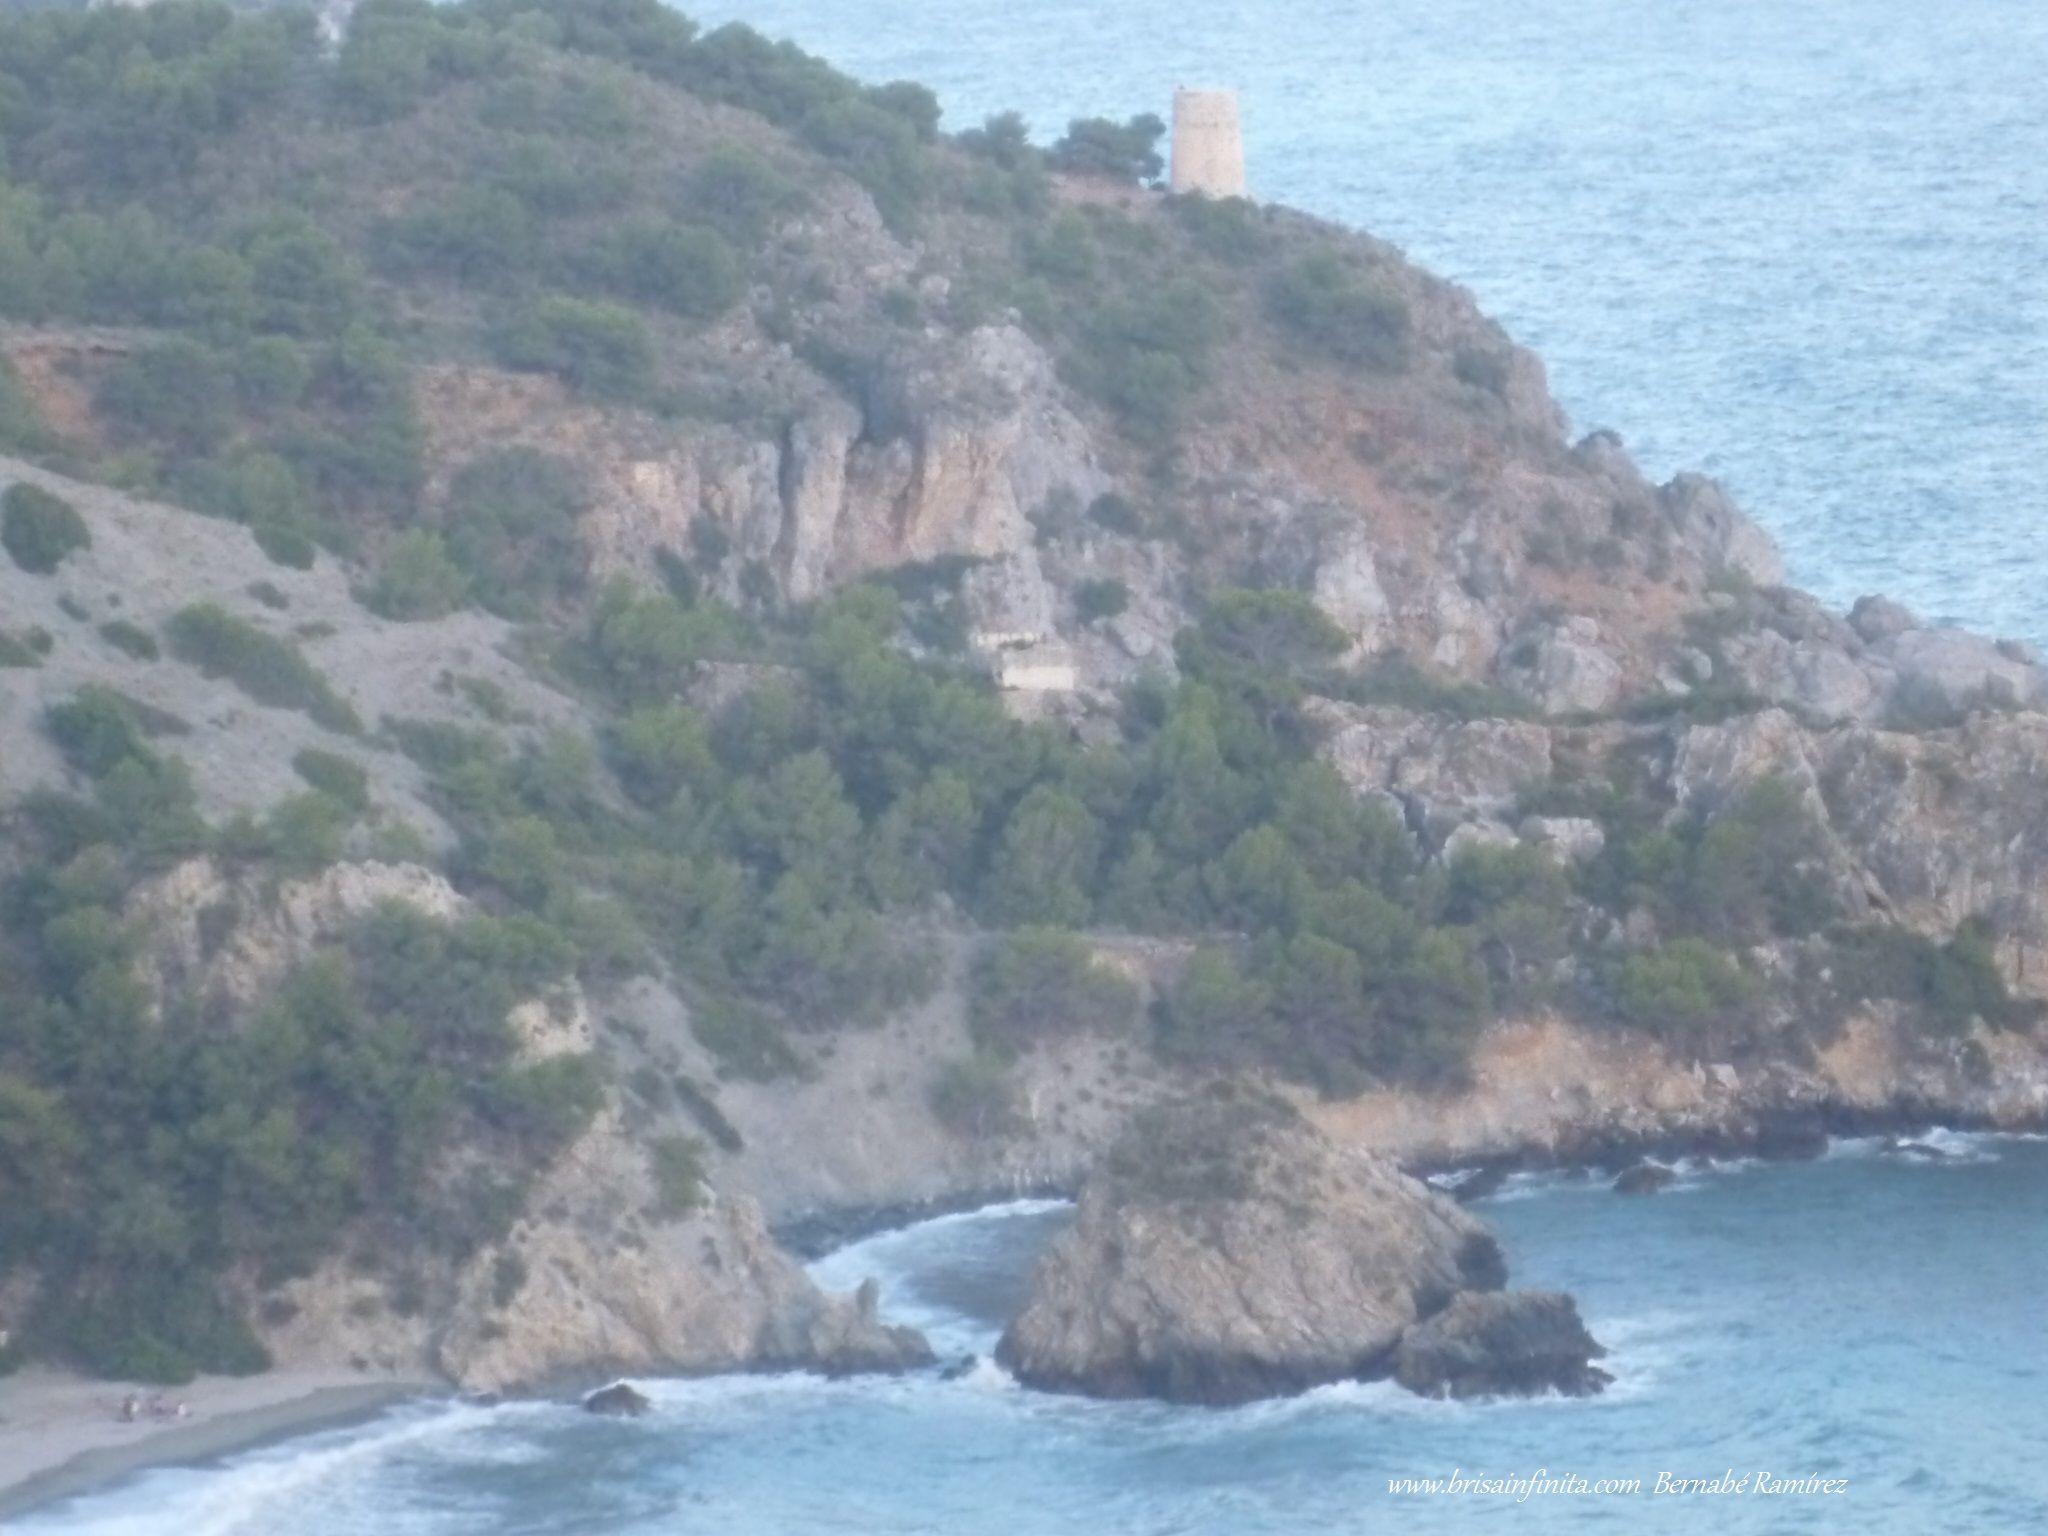 Acantilados de Maro- Cerro Gordo (Málaga)